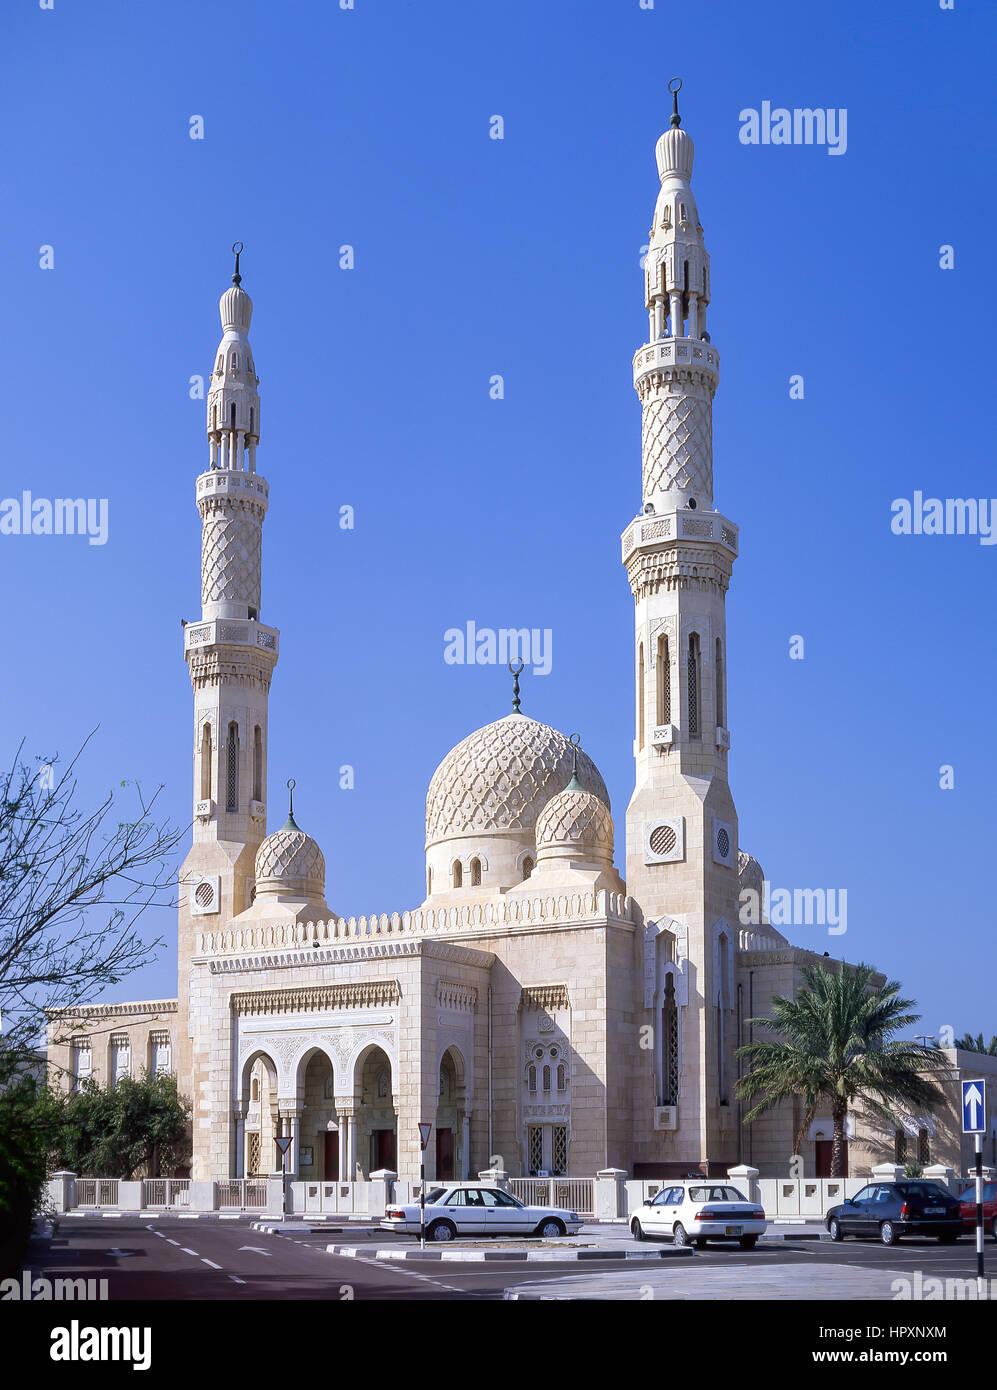 La mosquée de Jumeirah, Al Jumeirah Road, Jumeirah, Dubai, Émirats Arabes Unis Photo Stock